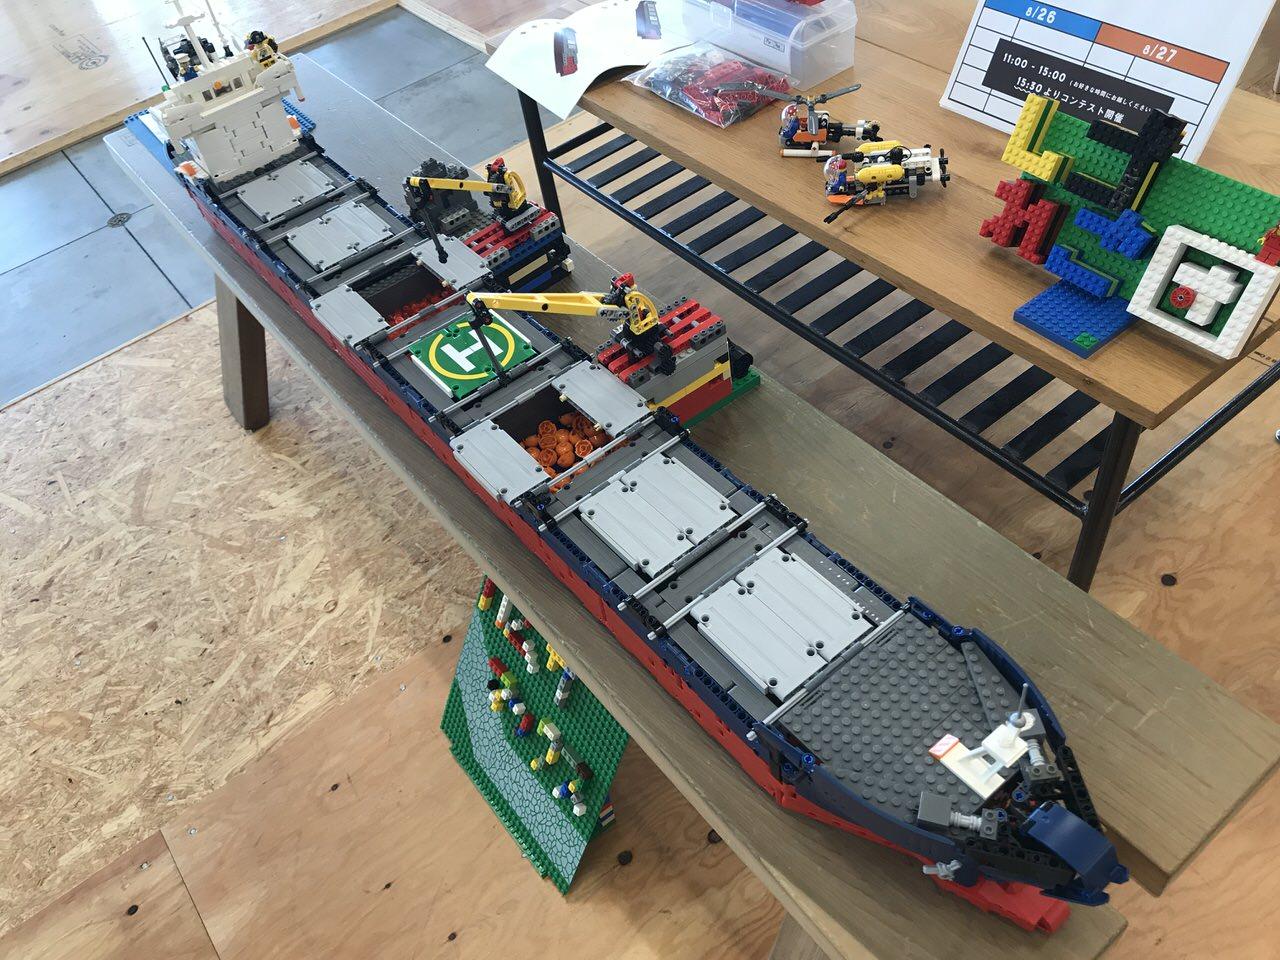 【PR】ワンファブ・フェスのメインスポンサー「常石グループ」のばら積み貨物船カムサマックスが巨大なレゴ作品になっていた